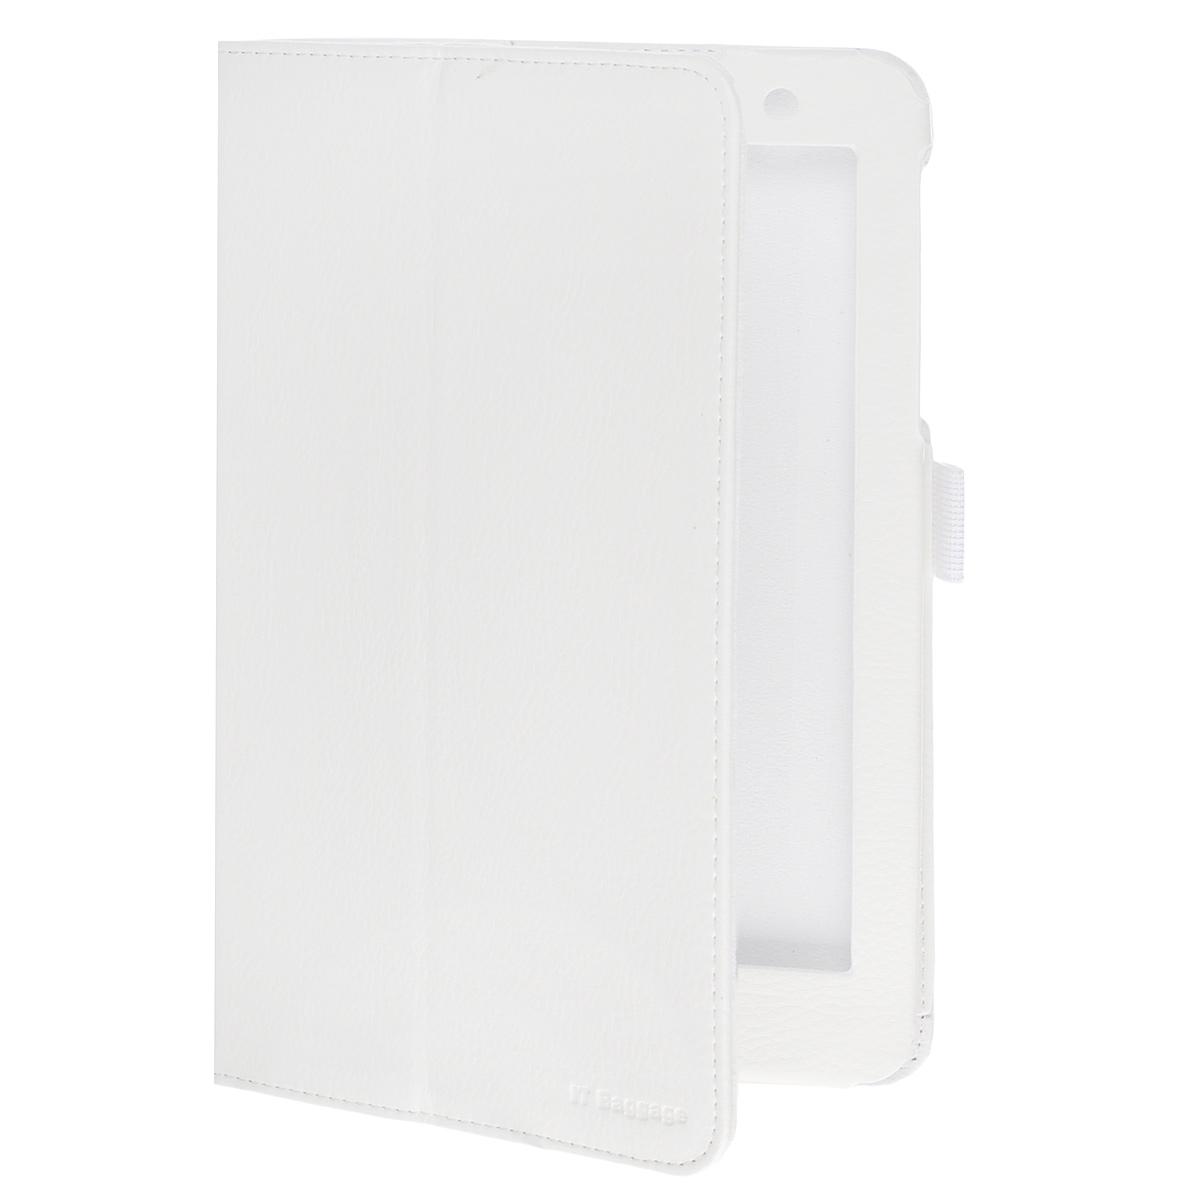 IT Baggage чехол для Lenovo Idea Tab 8 A8-50 (A5500), WhiteITLNA5502-0Чехол IT Baggage для планшета Lenovo Idea Tab 8 A8-50 (A5500) - это стильный и лаконичный аксессуар, позволяющий сохранить планшет в идеальном состоянии. Надежно удерживая технику, обложка защищает корпус и дисплей от появления царапин, налипания пыли. Имеет свободный доступ ко всем разъемам устройства.